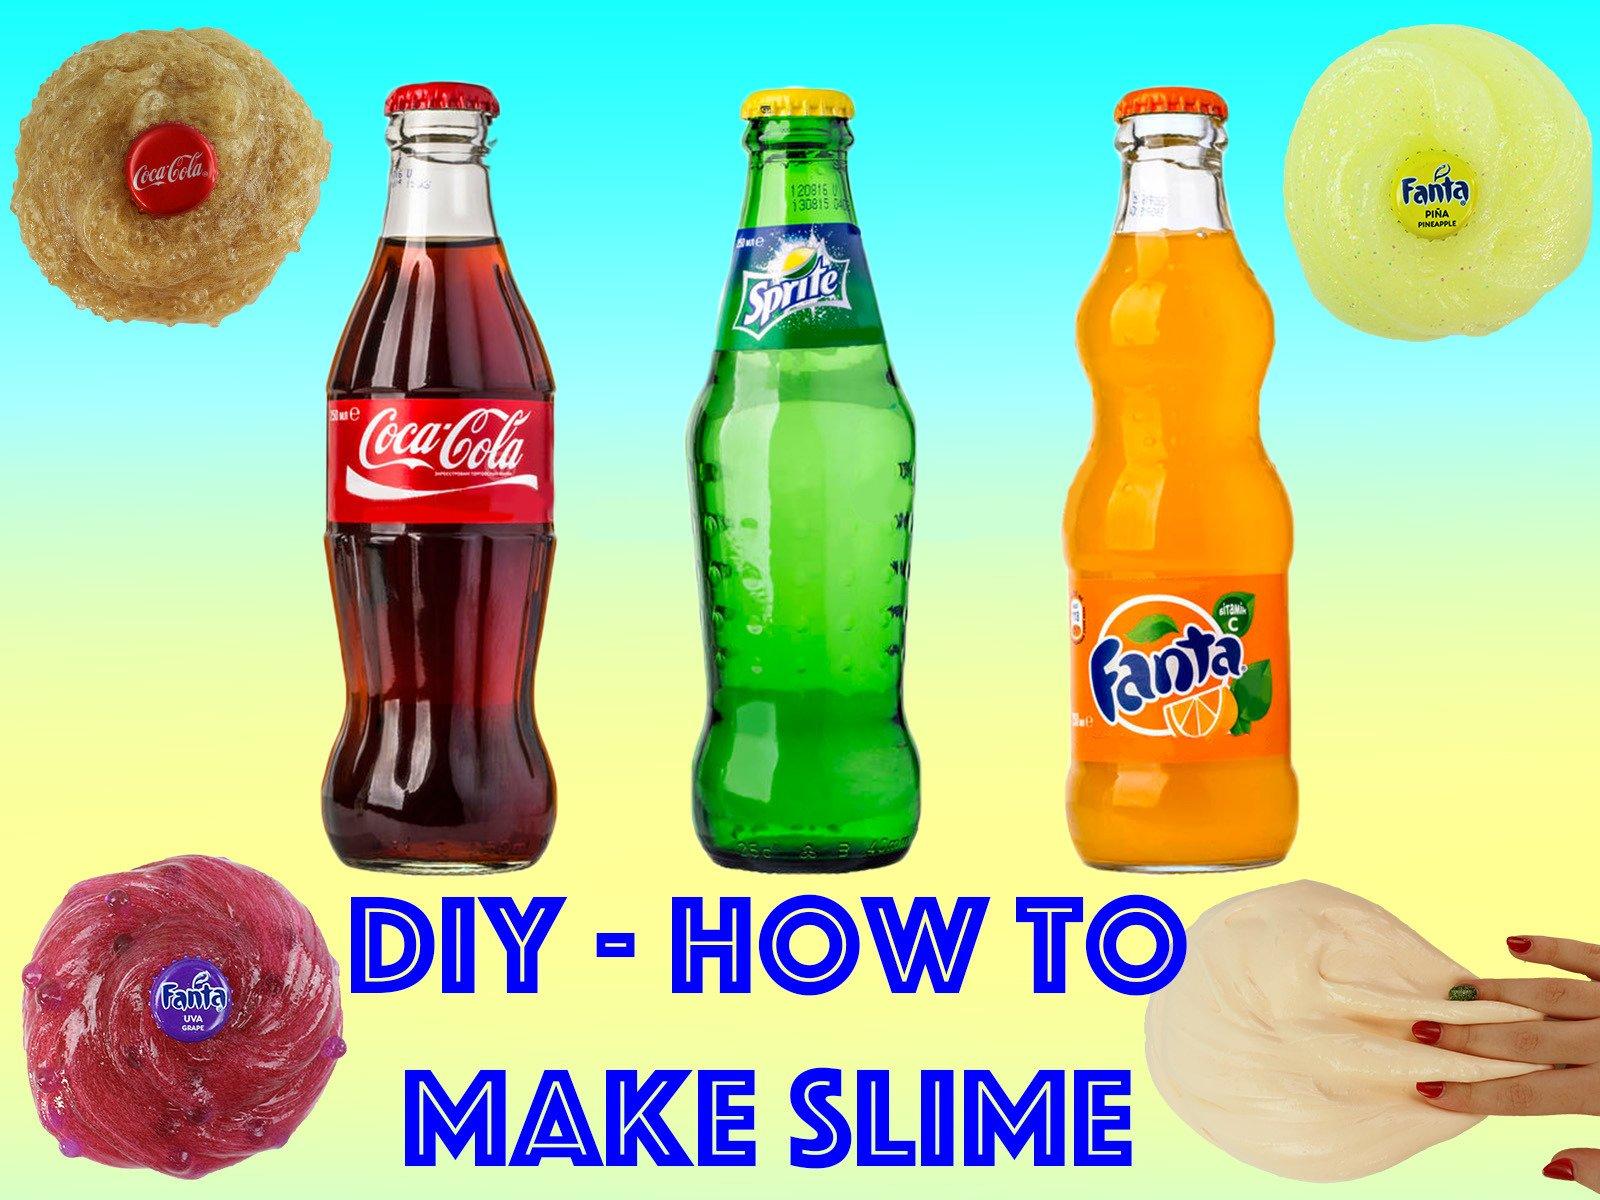 Diy How To Make Slime